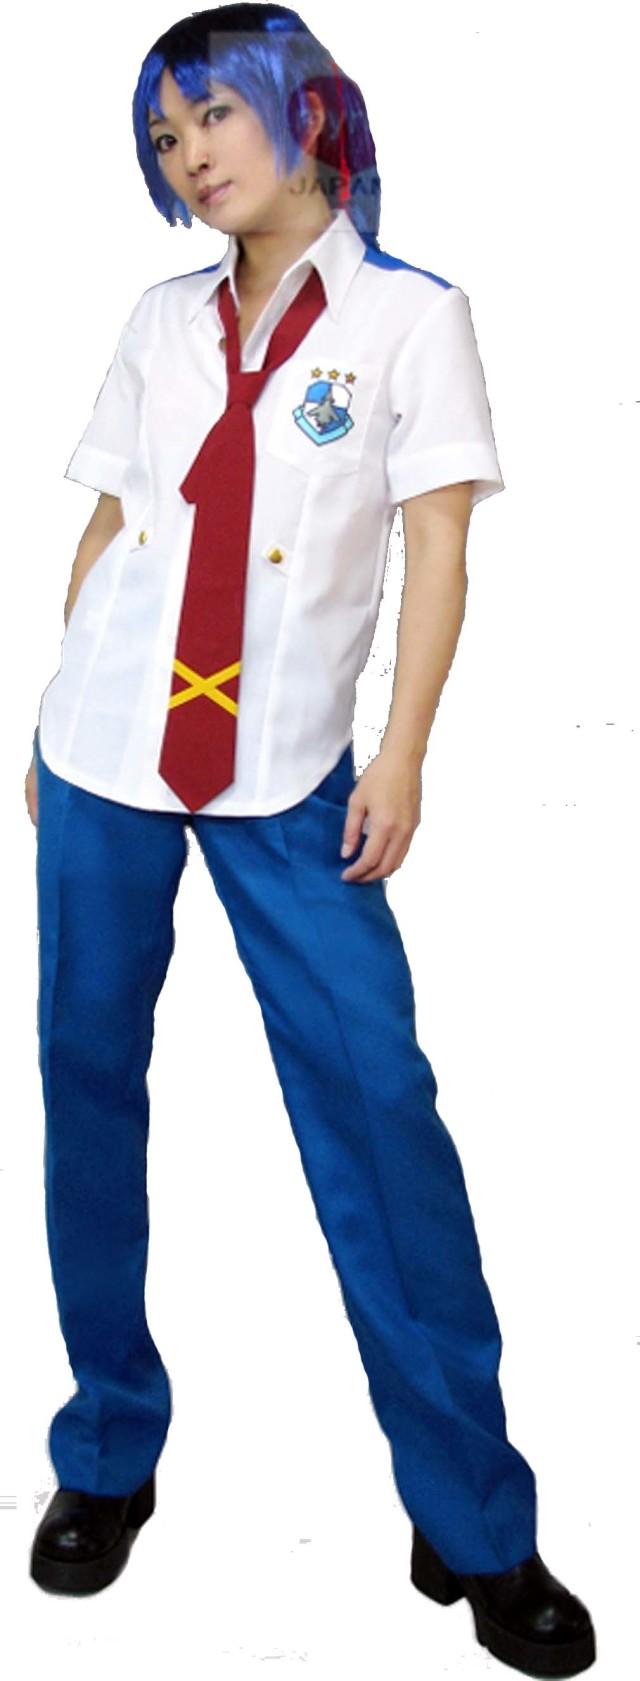 マクロスF 美星学園 男子制服 コスプレ衣装 Sサイズ ネクタイ2枚【アルト・ミハエル】セット